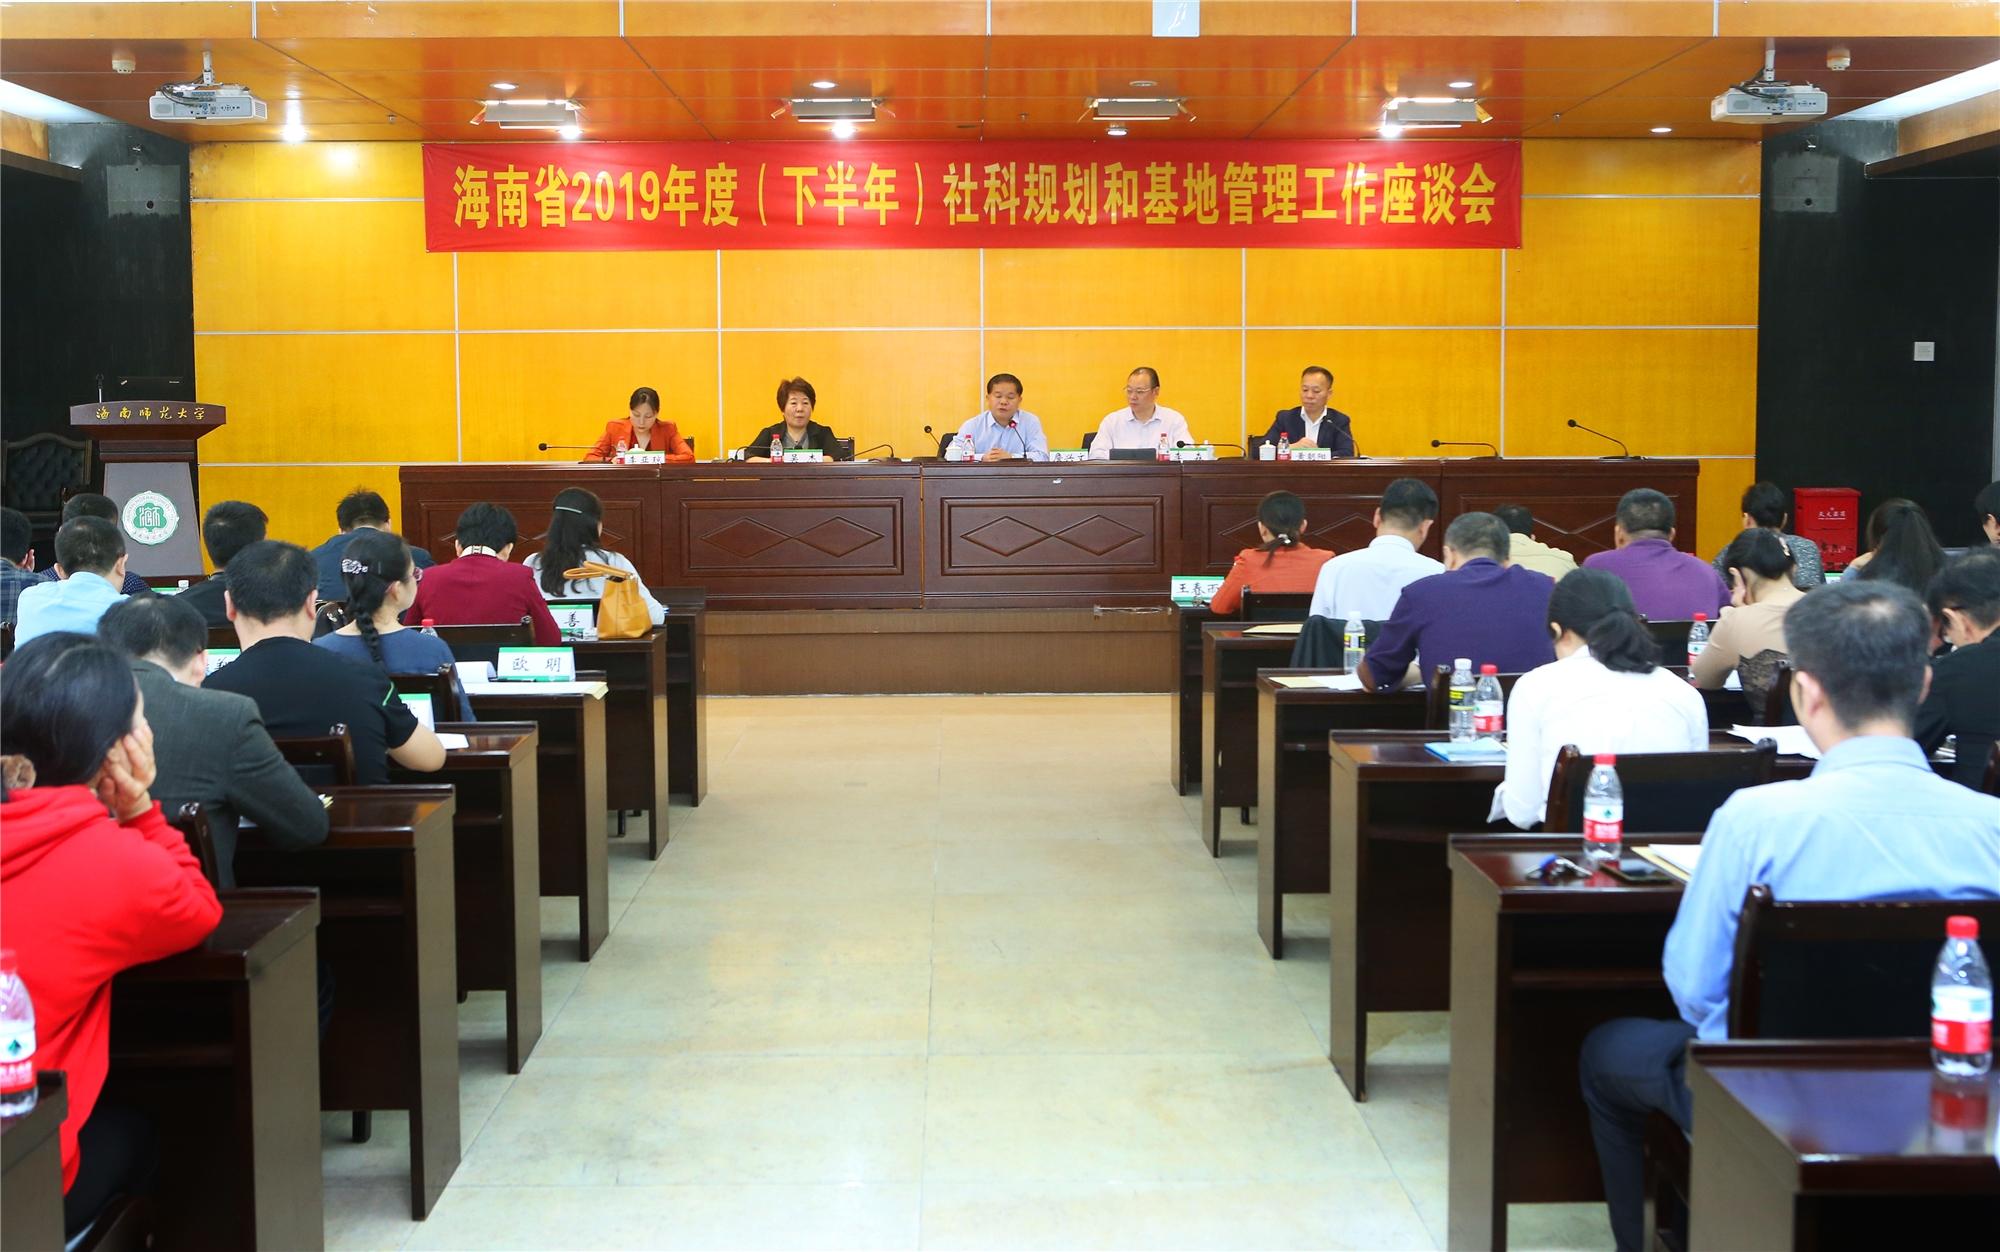 全省社科规划和基地管理工作座谈会在我校顺利举行